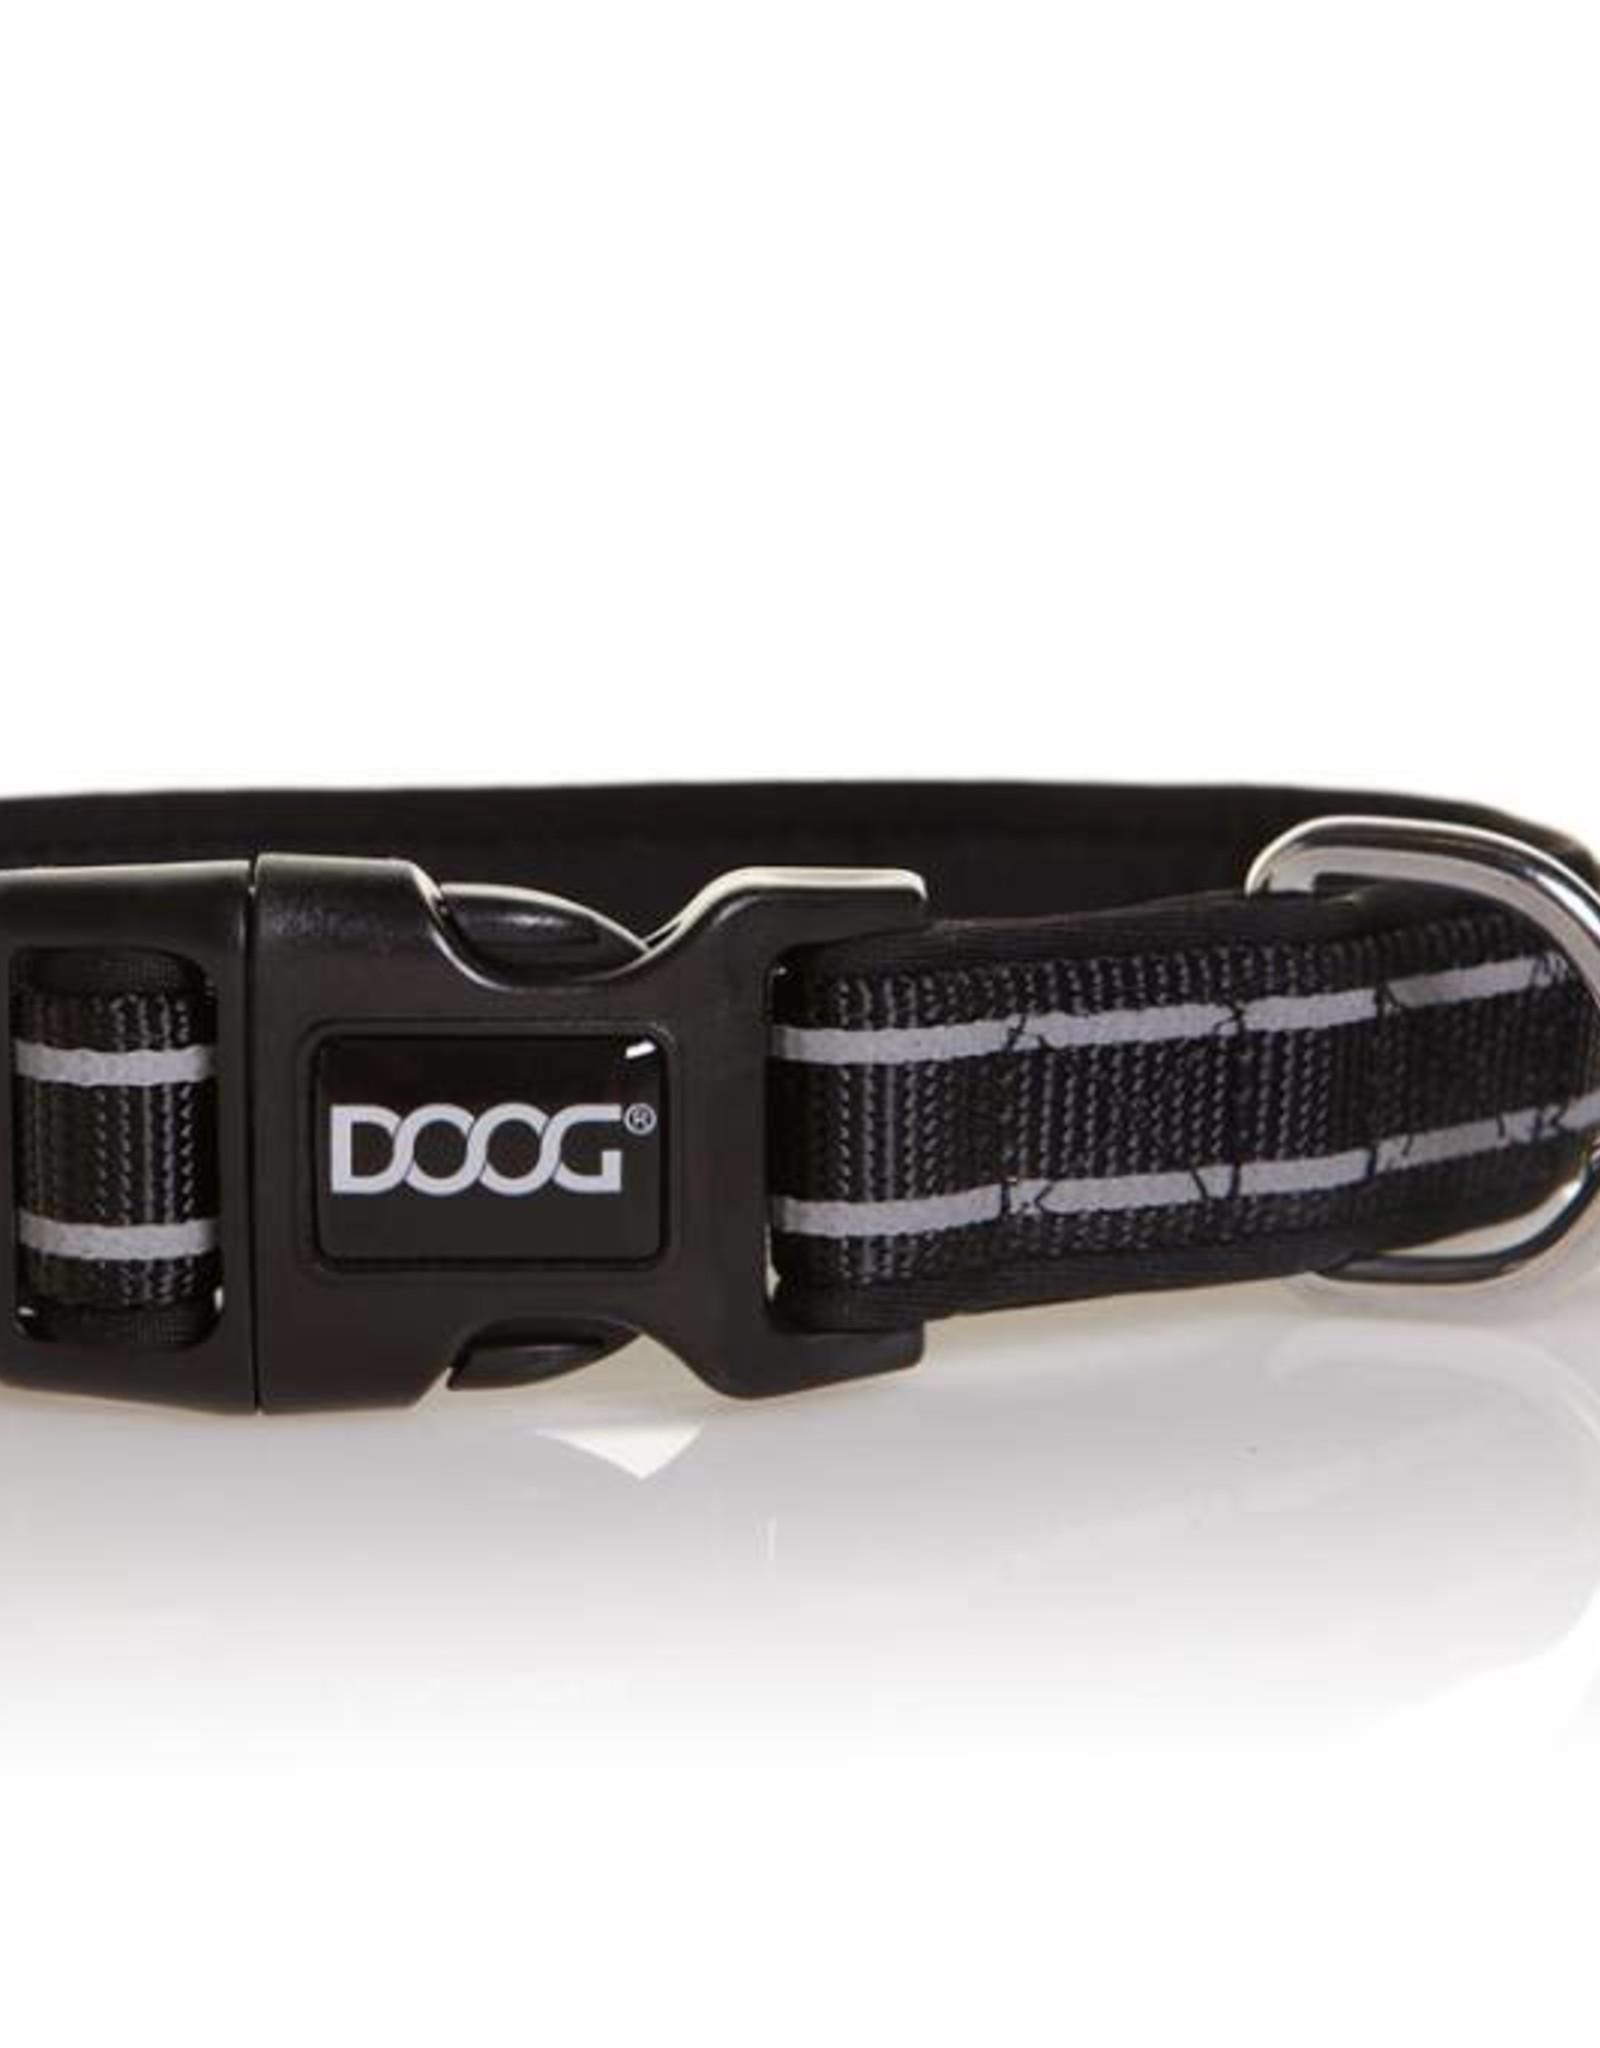 DOOG Doog | Dog Collar - Lassie